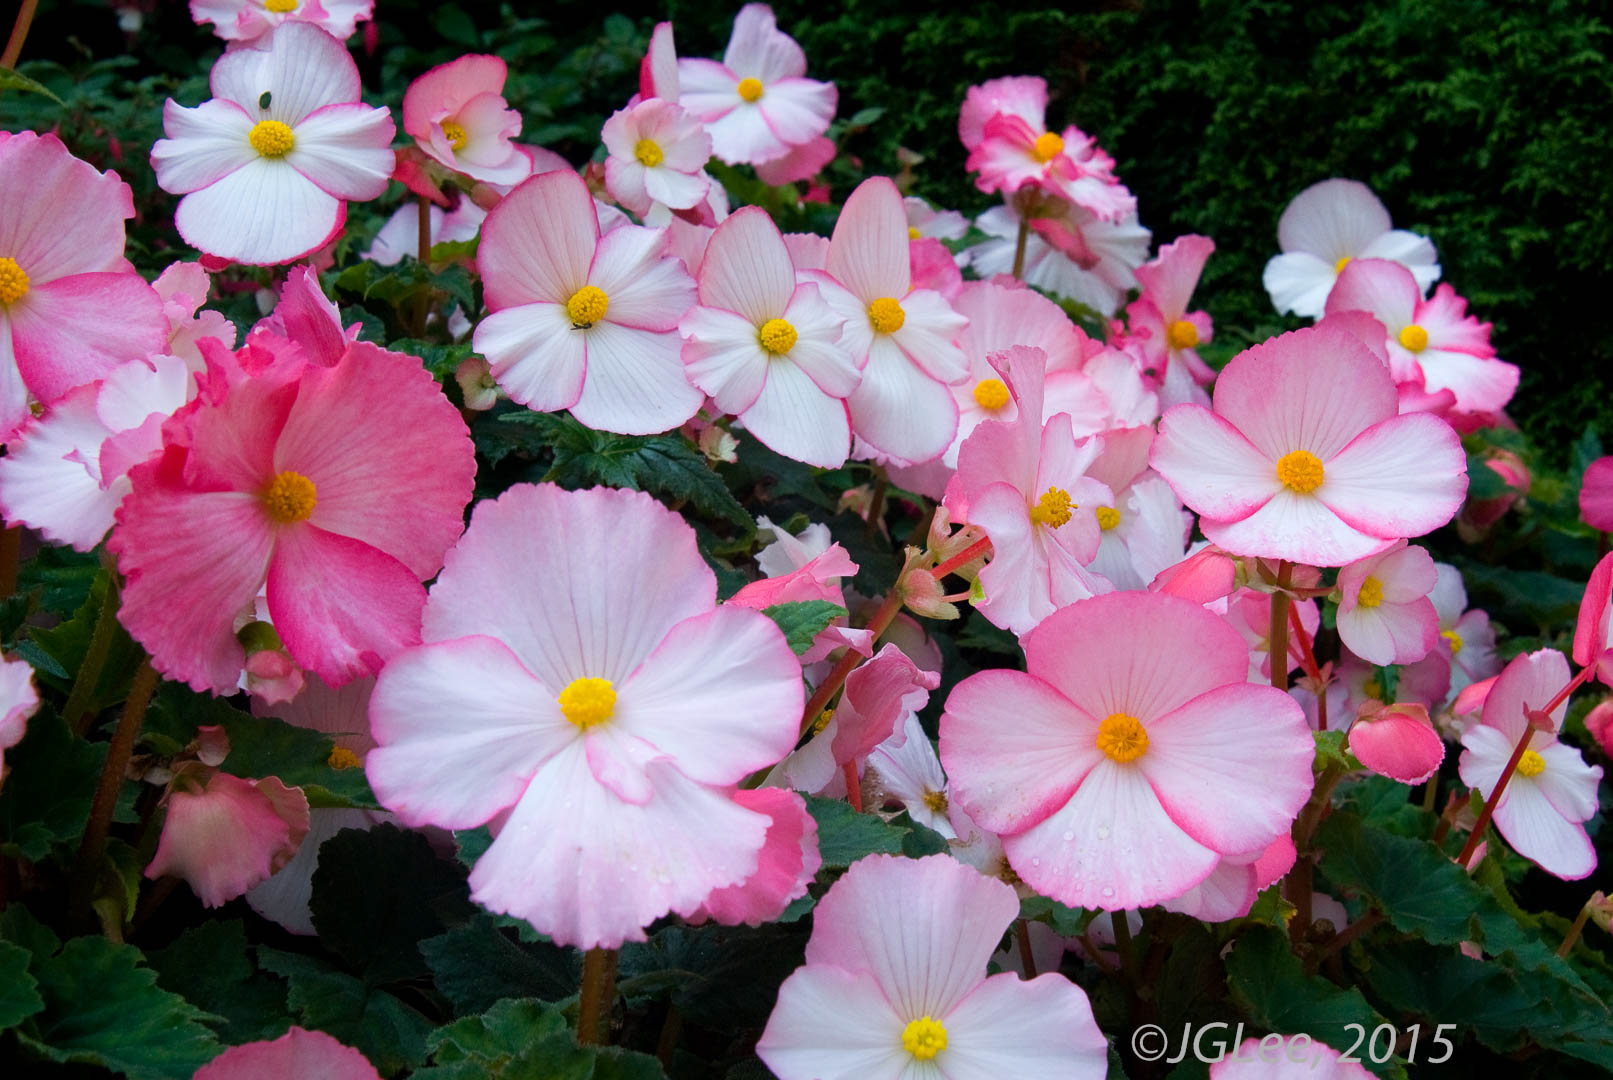 Pinks & Whites